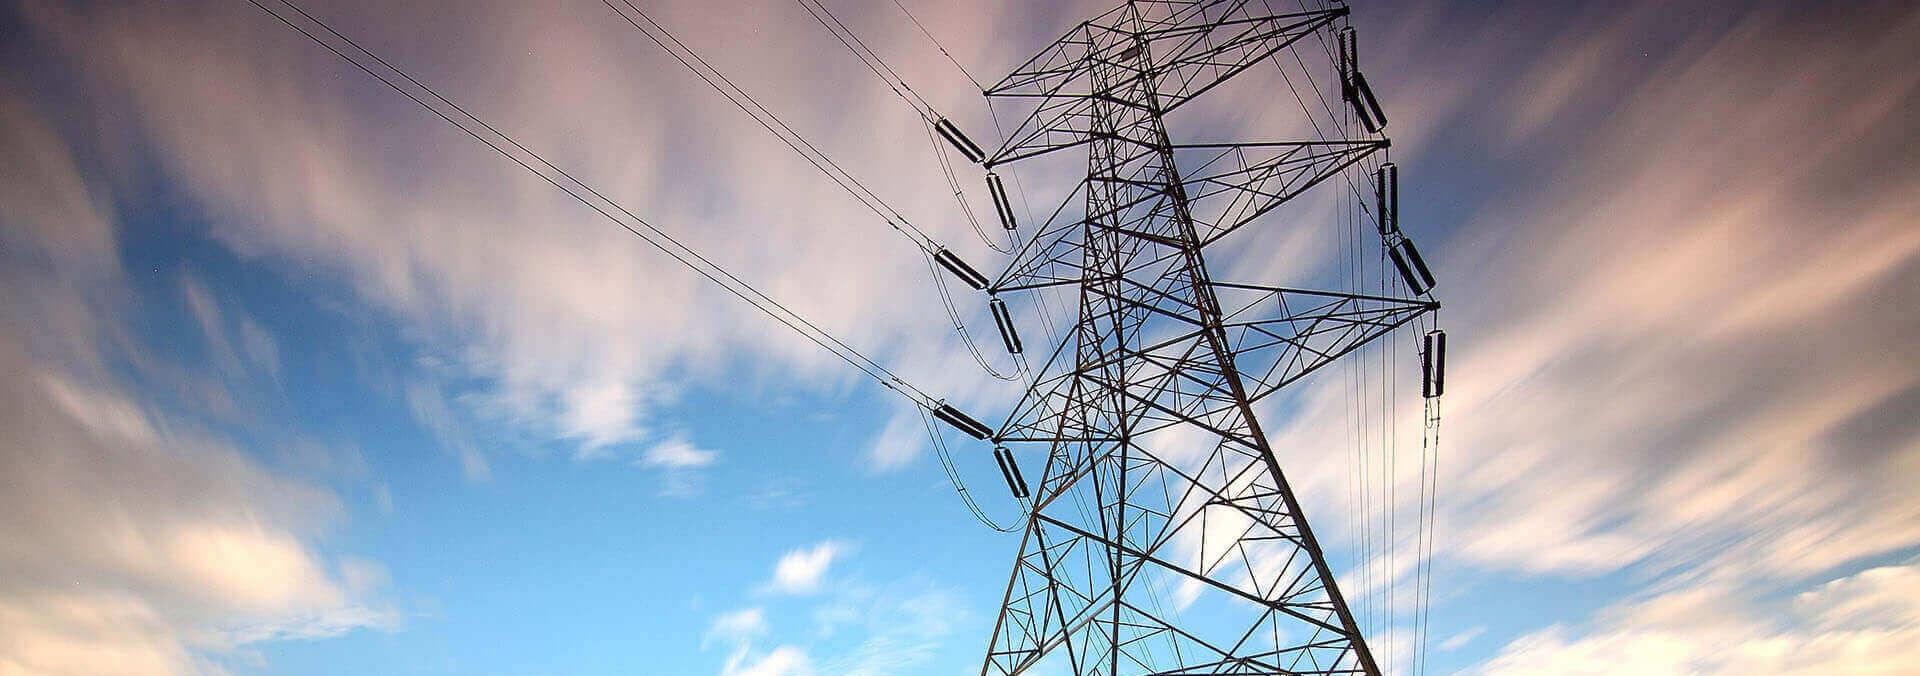 Yüksek Gerilim Enerji İletim Hatları